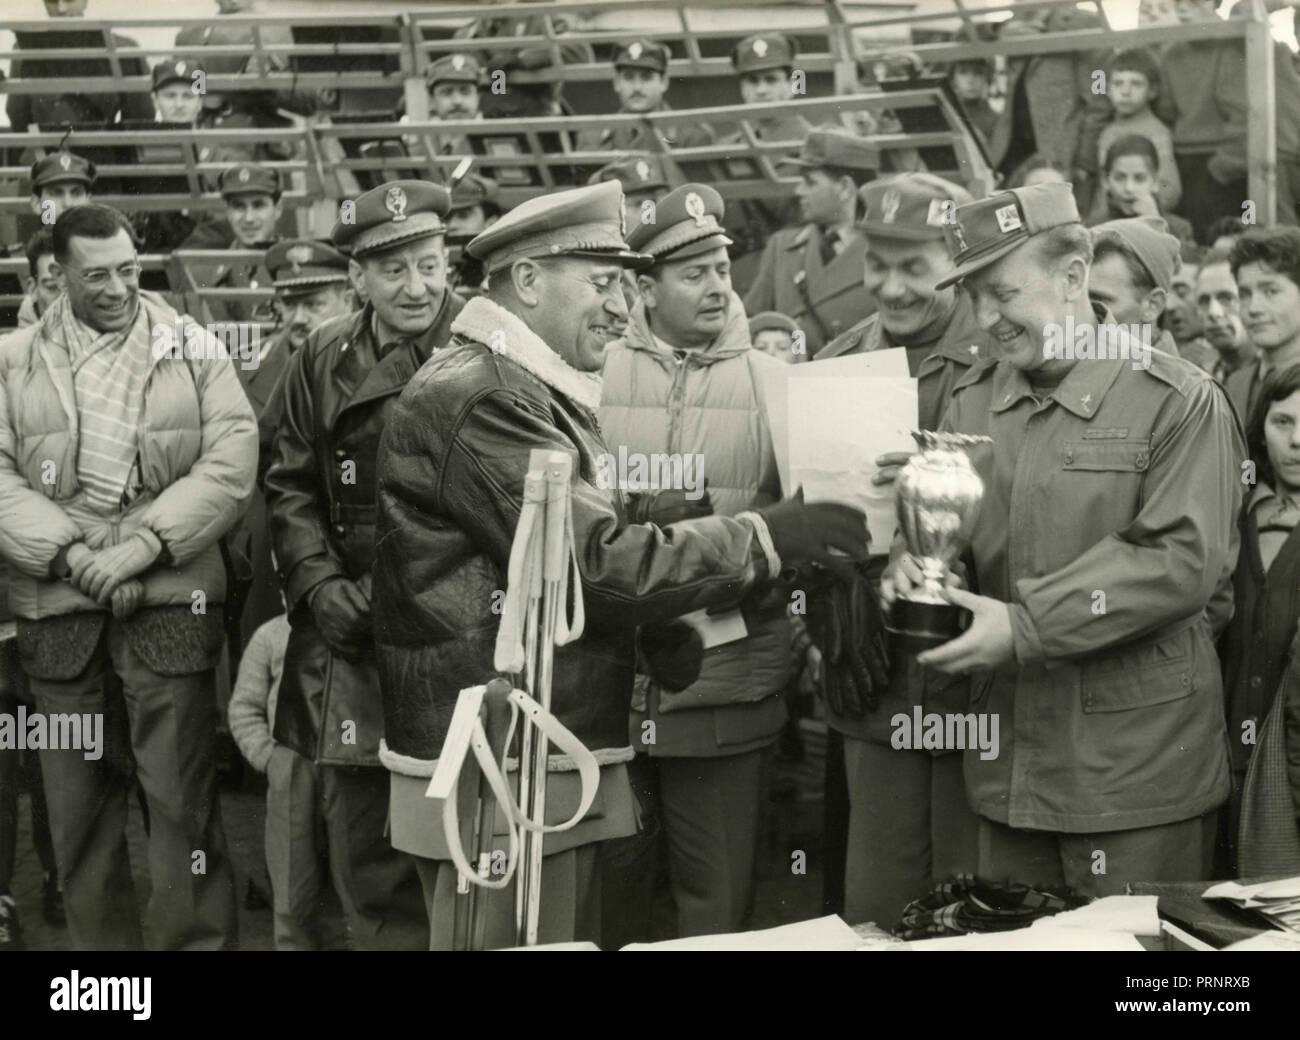 La police des finances lors d'une compétition sportive, Italie 1950 Photo Stock